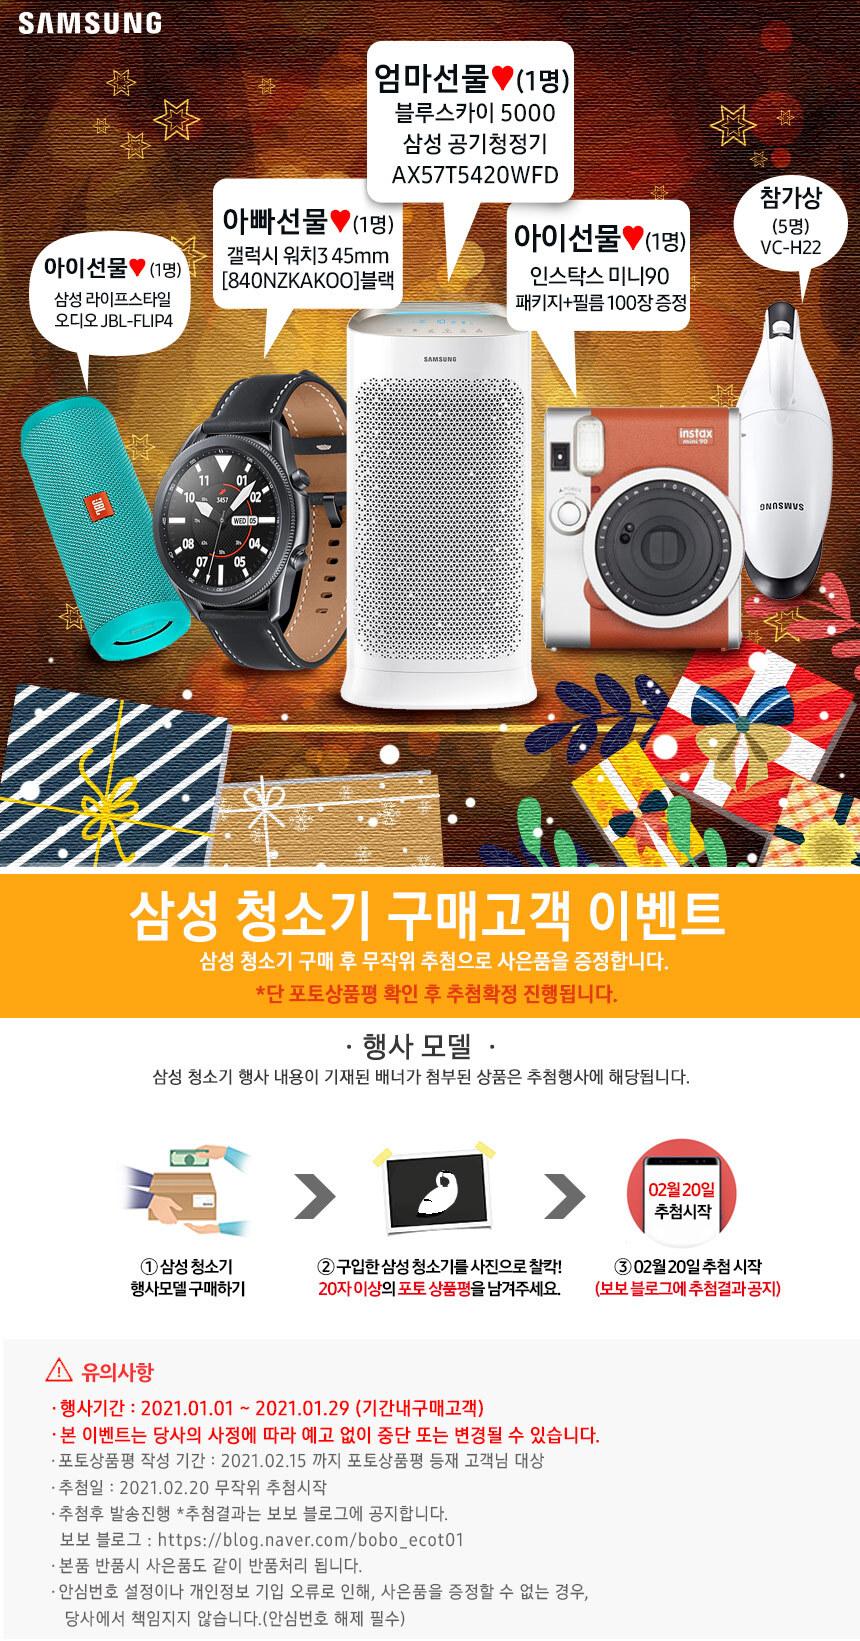 VC_chuchu.jpg